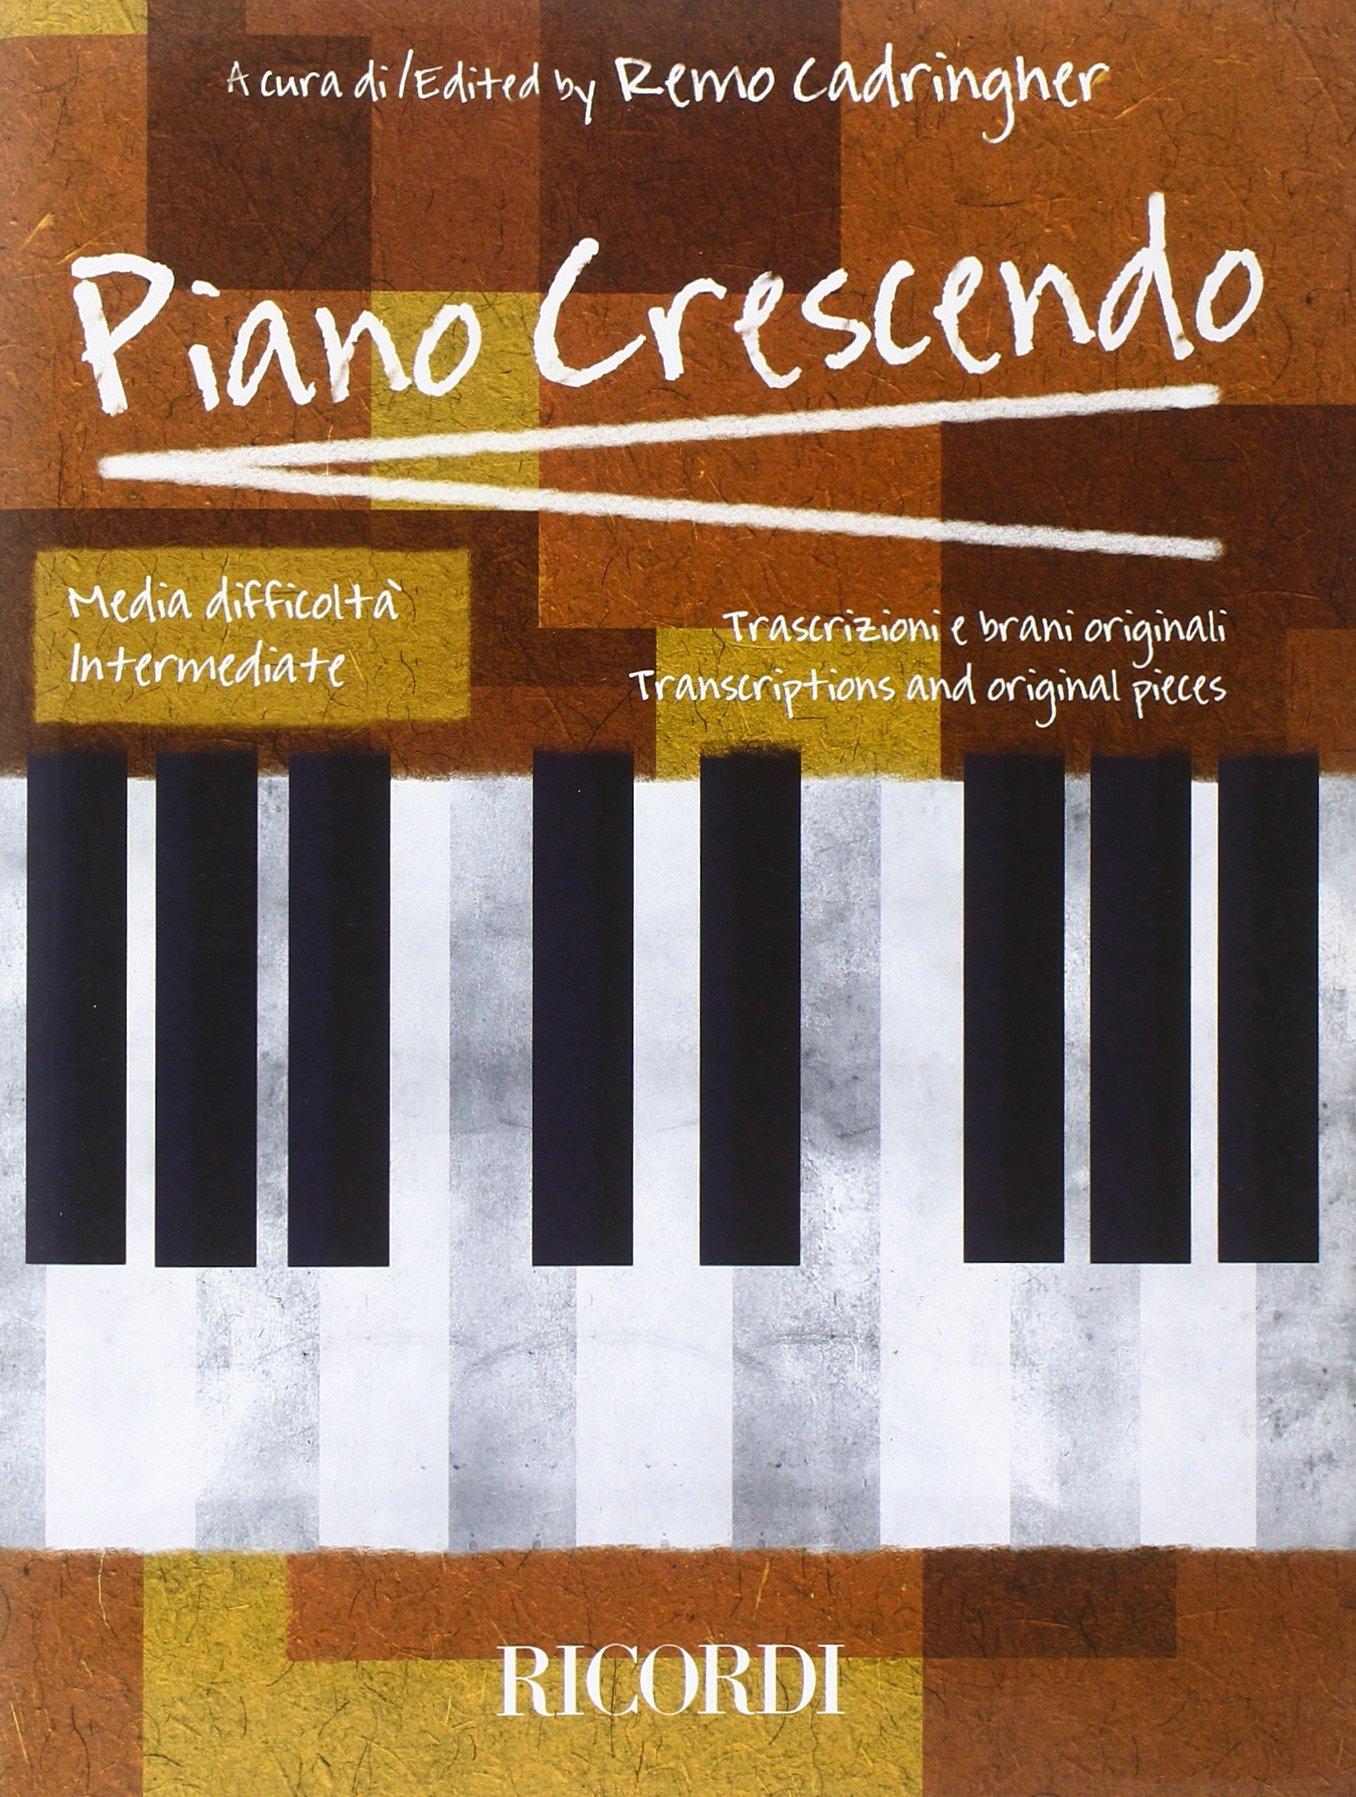 PIANO CRESCENDO - MEDIA DIFFICOLTA Copertina flessibile – 8 feb 2012 AA.VV. Ricordi 0041404688 Music